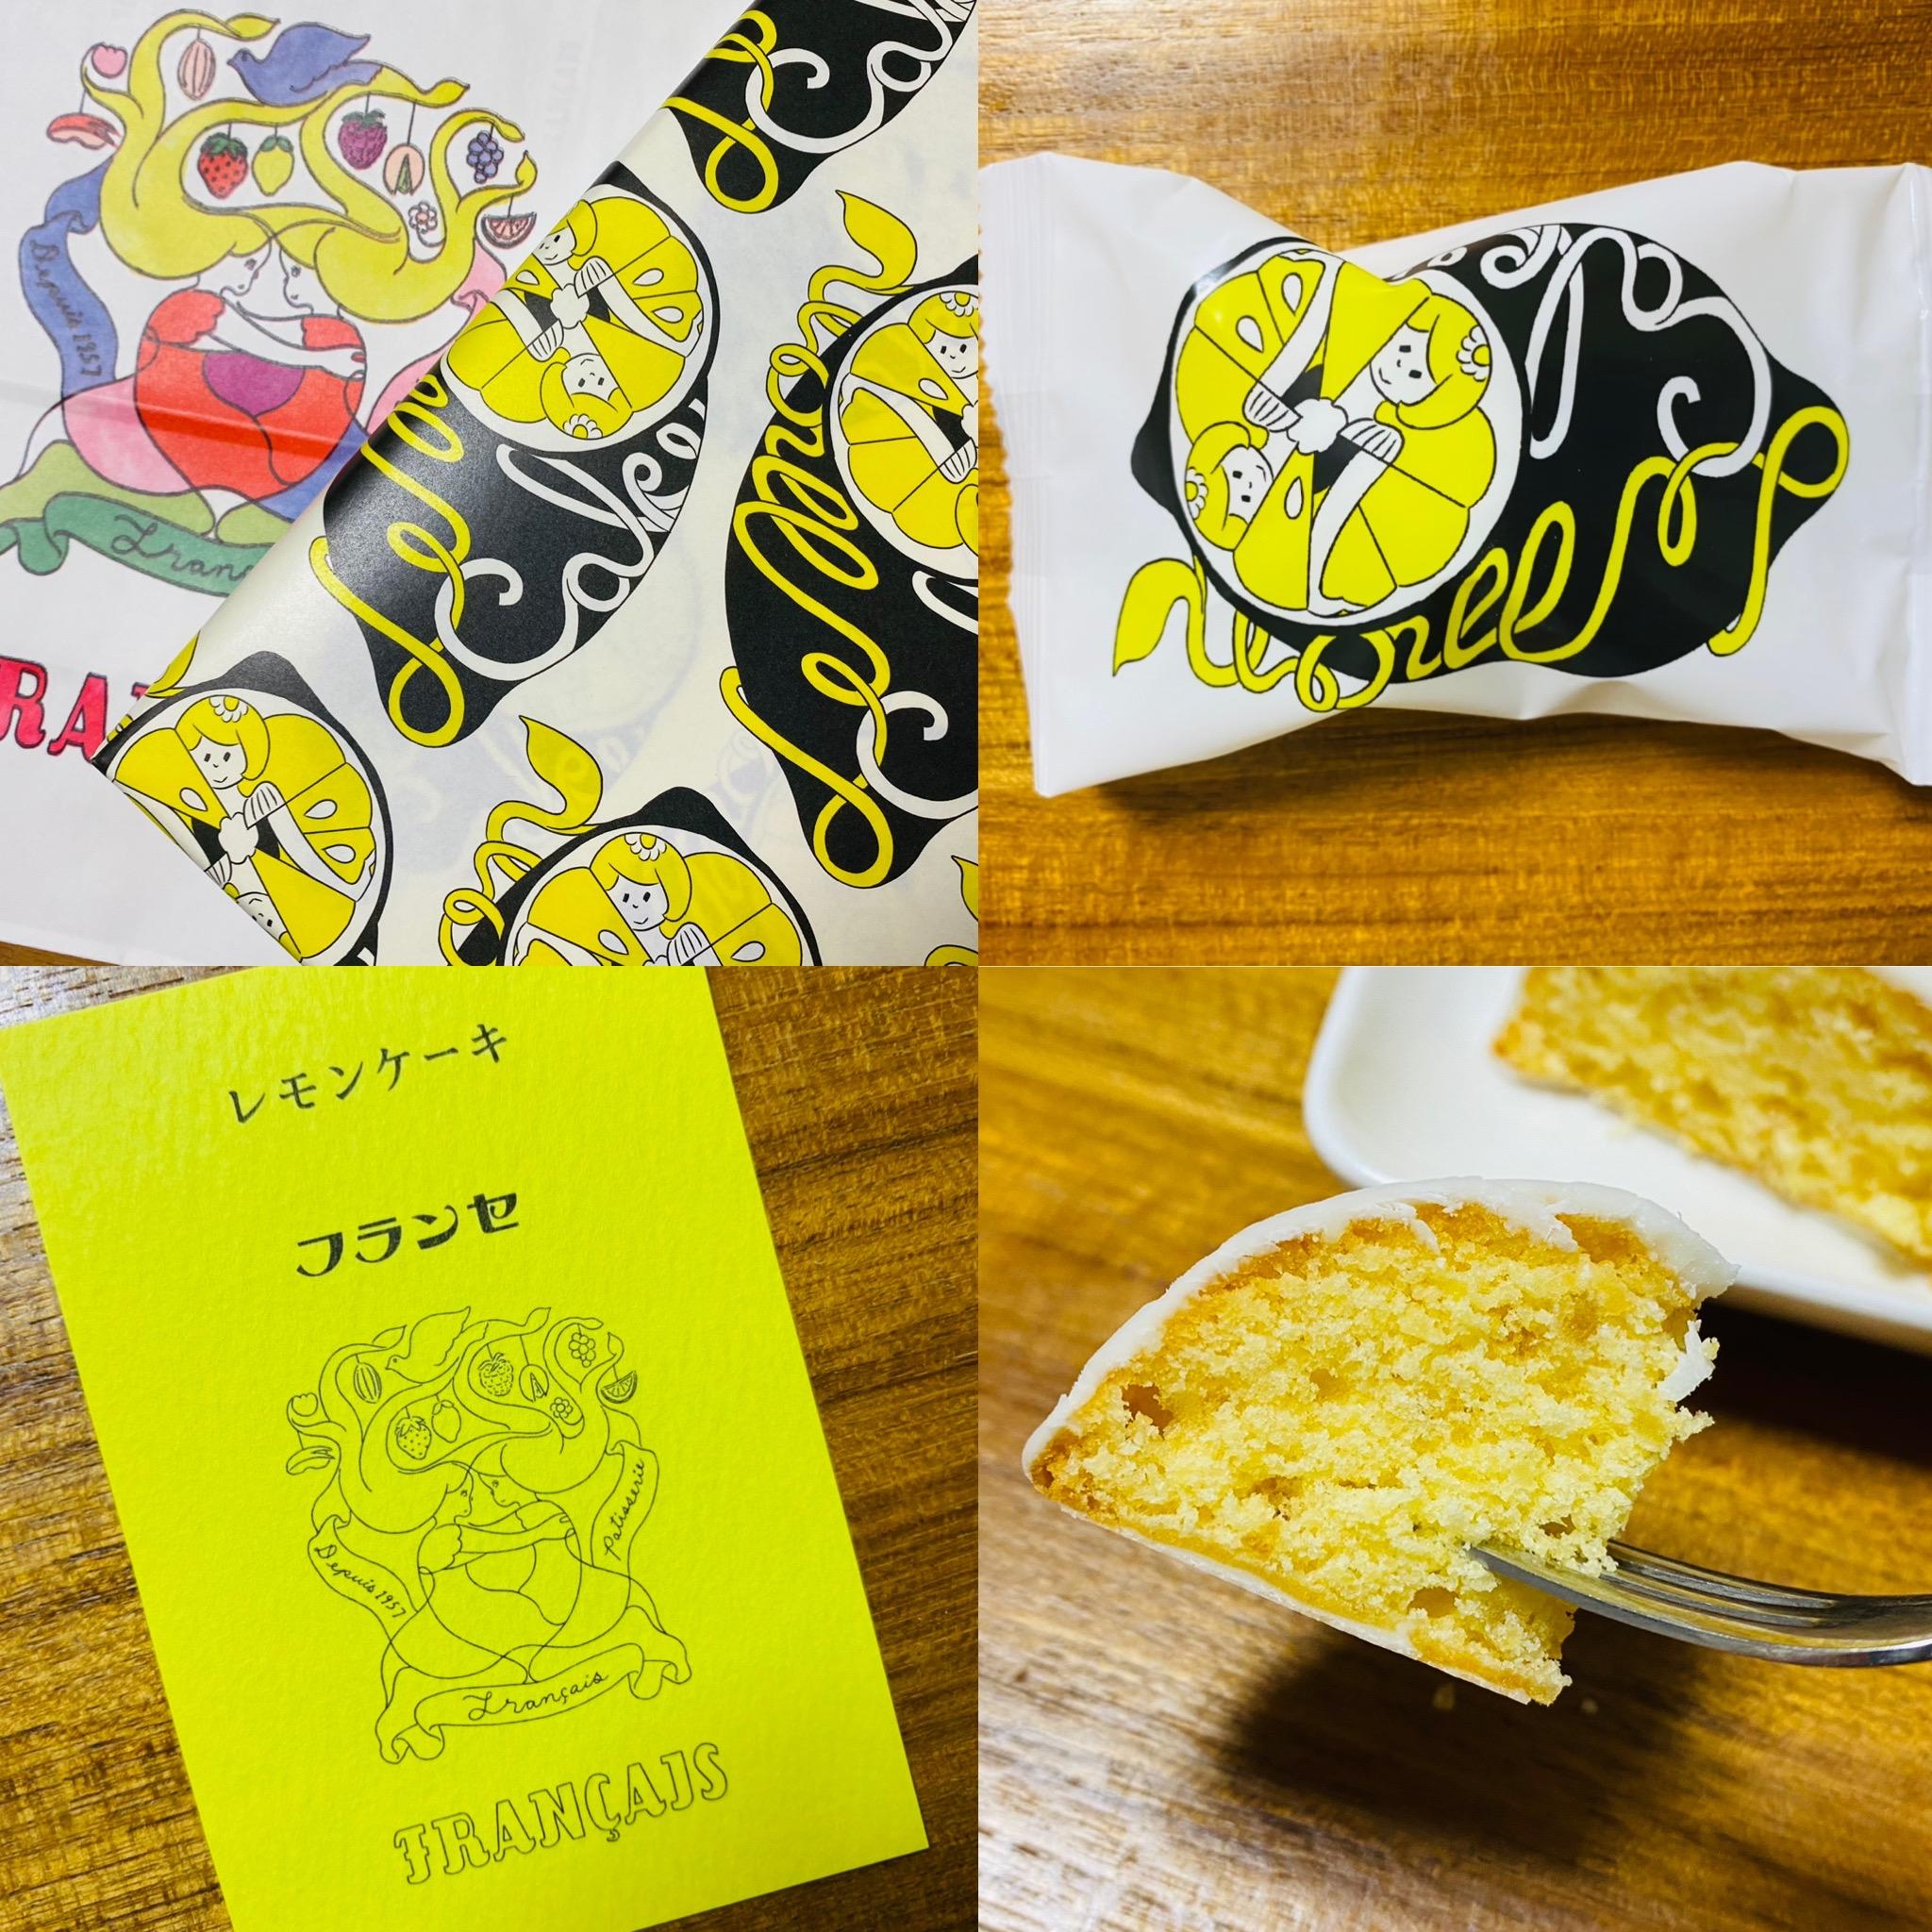 レモン ケーキ フランセ 新宿駅にオープンした「レモンショップ」の<生>レモンケーキを実食ルポ